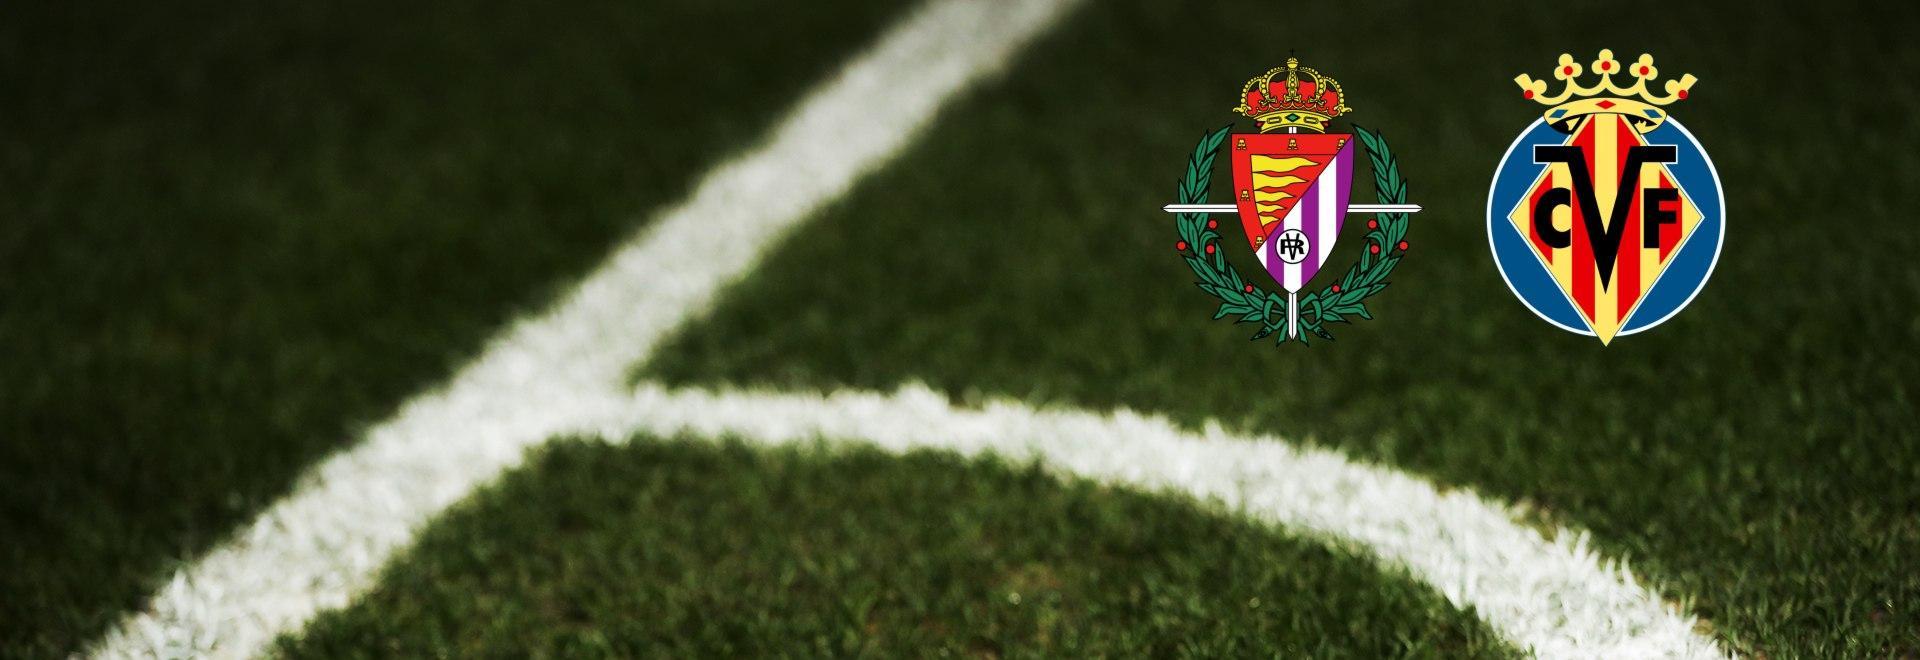 Real Valladolid - Villarreal. 36a g.